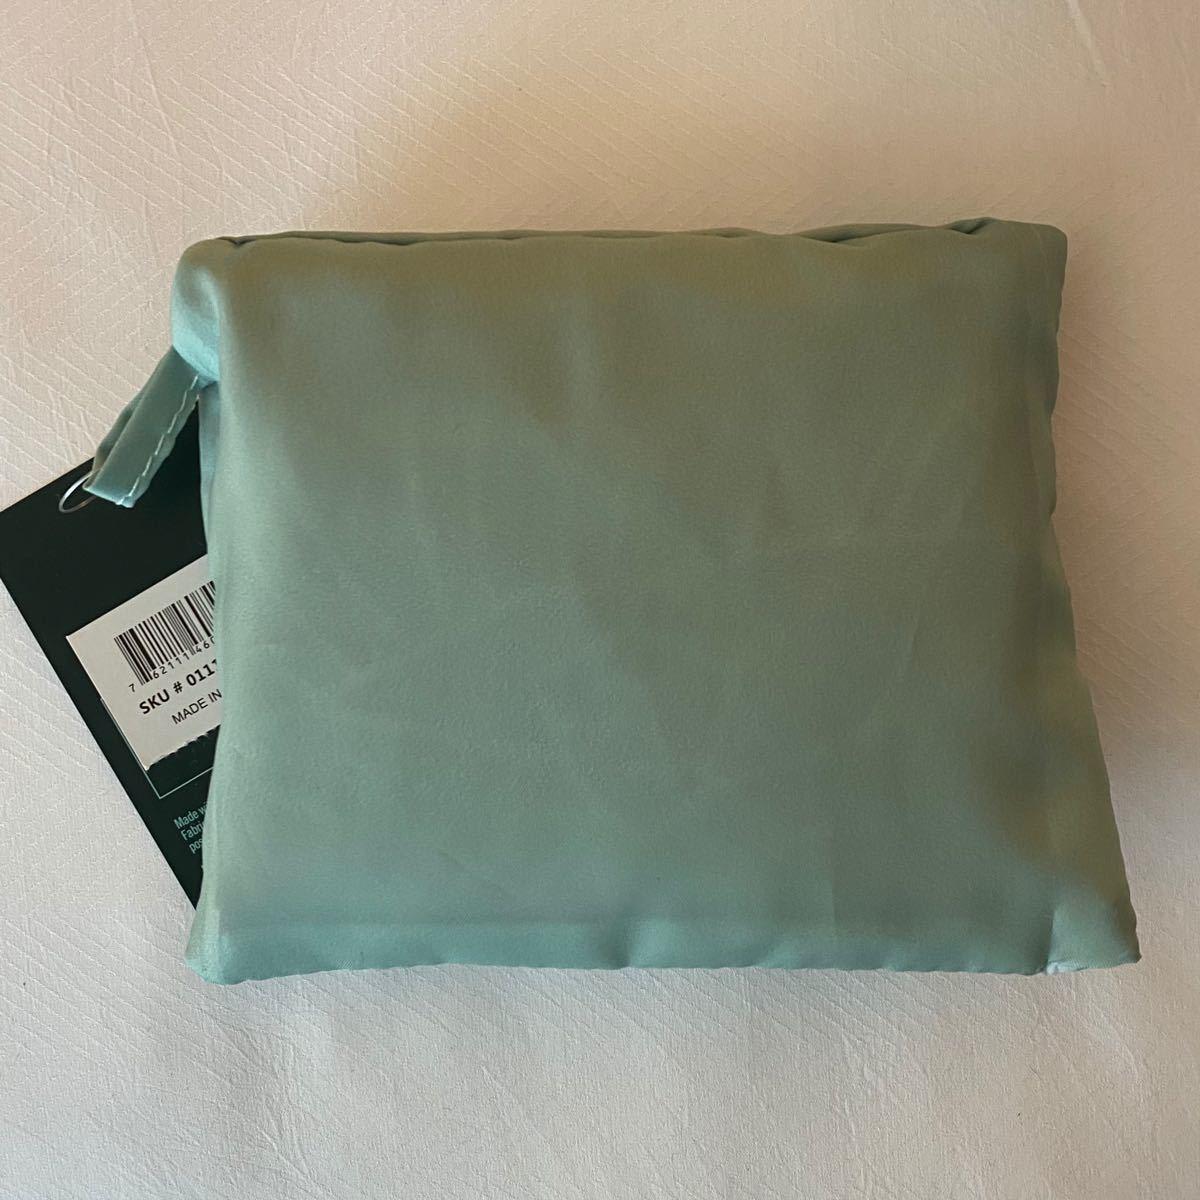 スターバックス アースデイ エコバッグ 海外限定 トートバッグ 日本未発売 レア  スタバ 折りたたみ バッグ  グリーン 北米